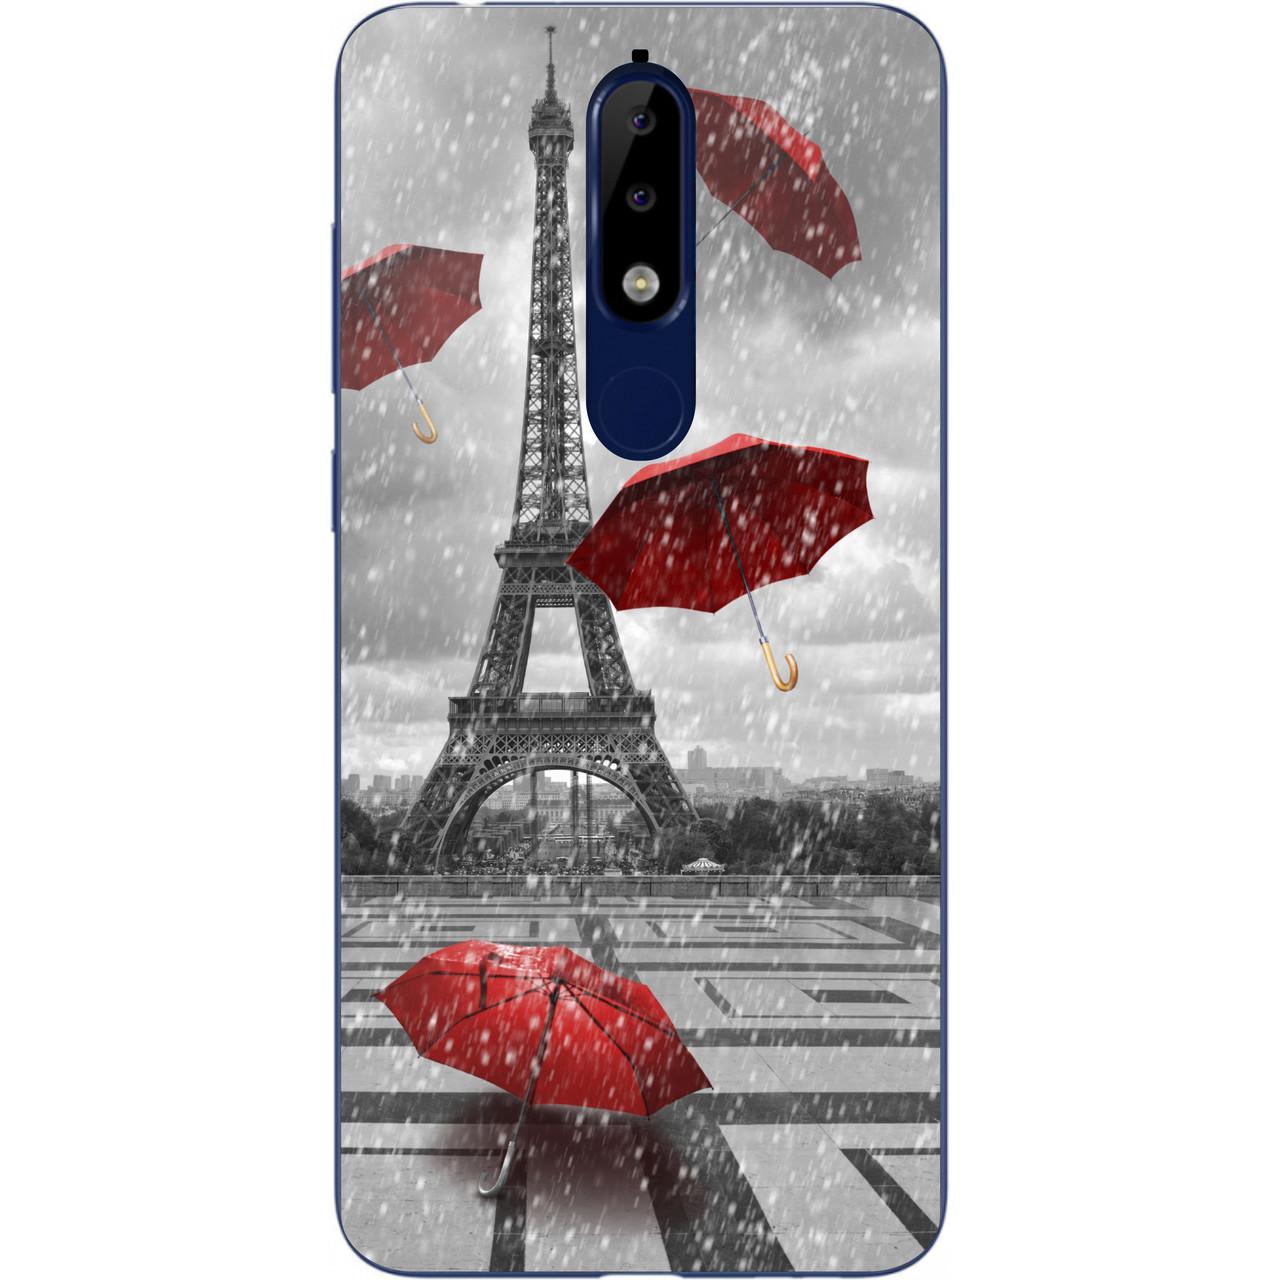 Бампер силіконовий чохол для Nokia 5.1 2018 з картинкою Париж